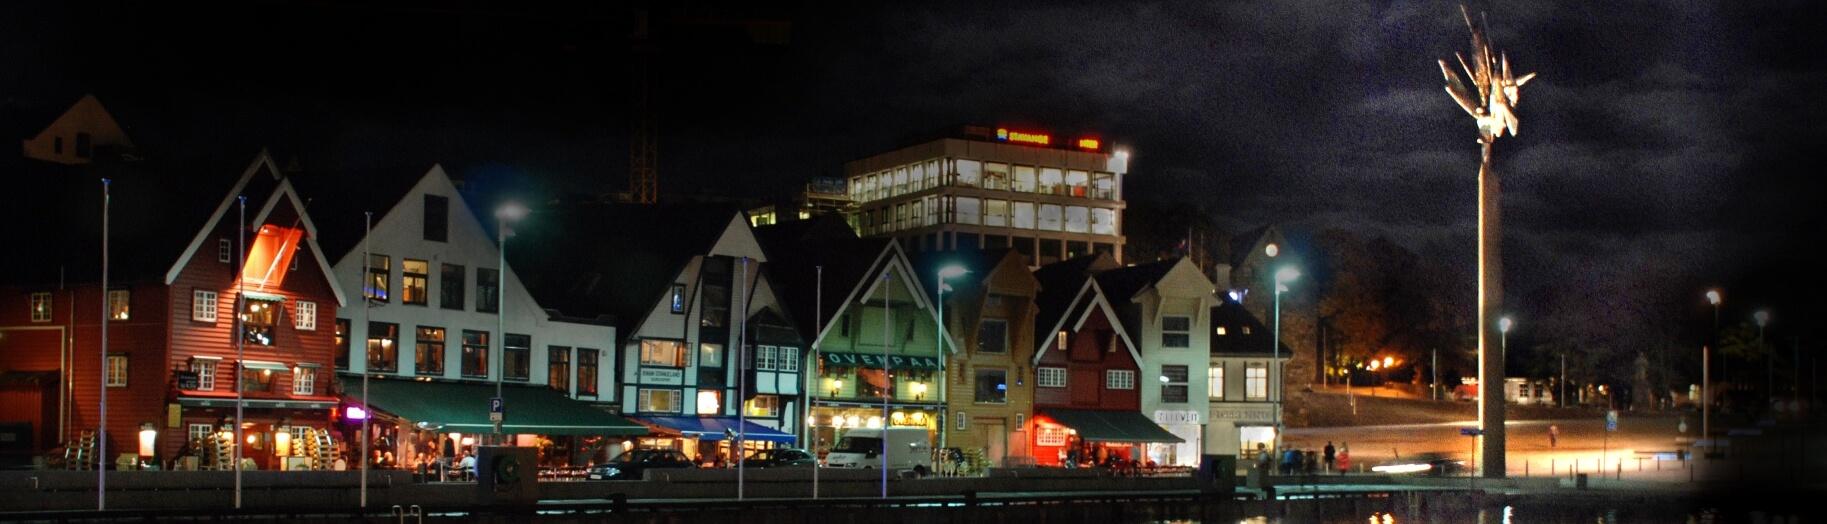 Søkemotoroptimalisering Stavanger